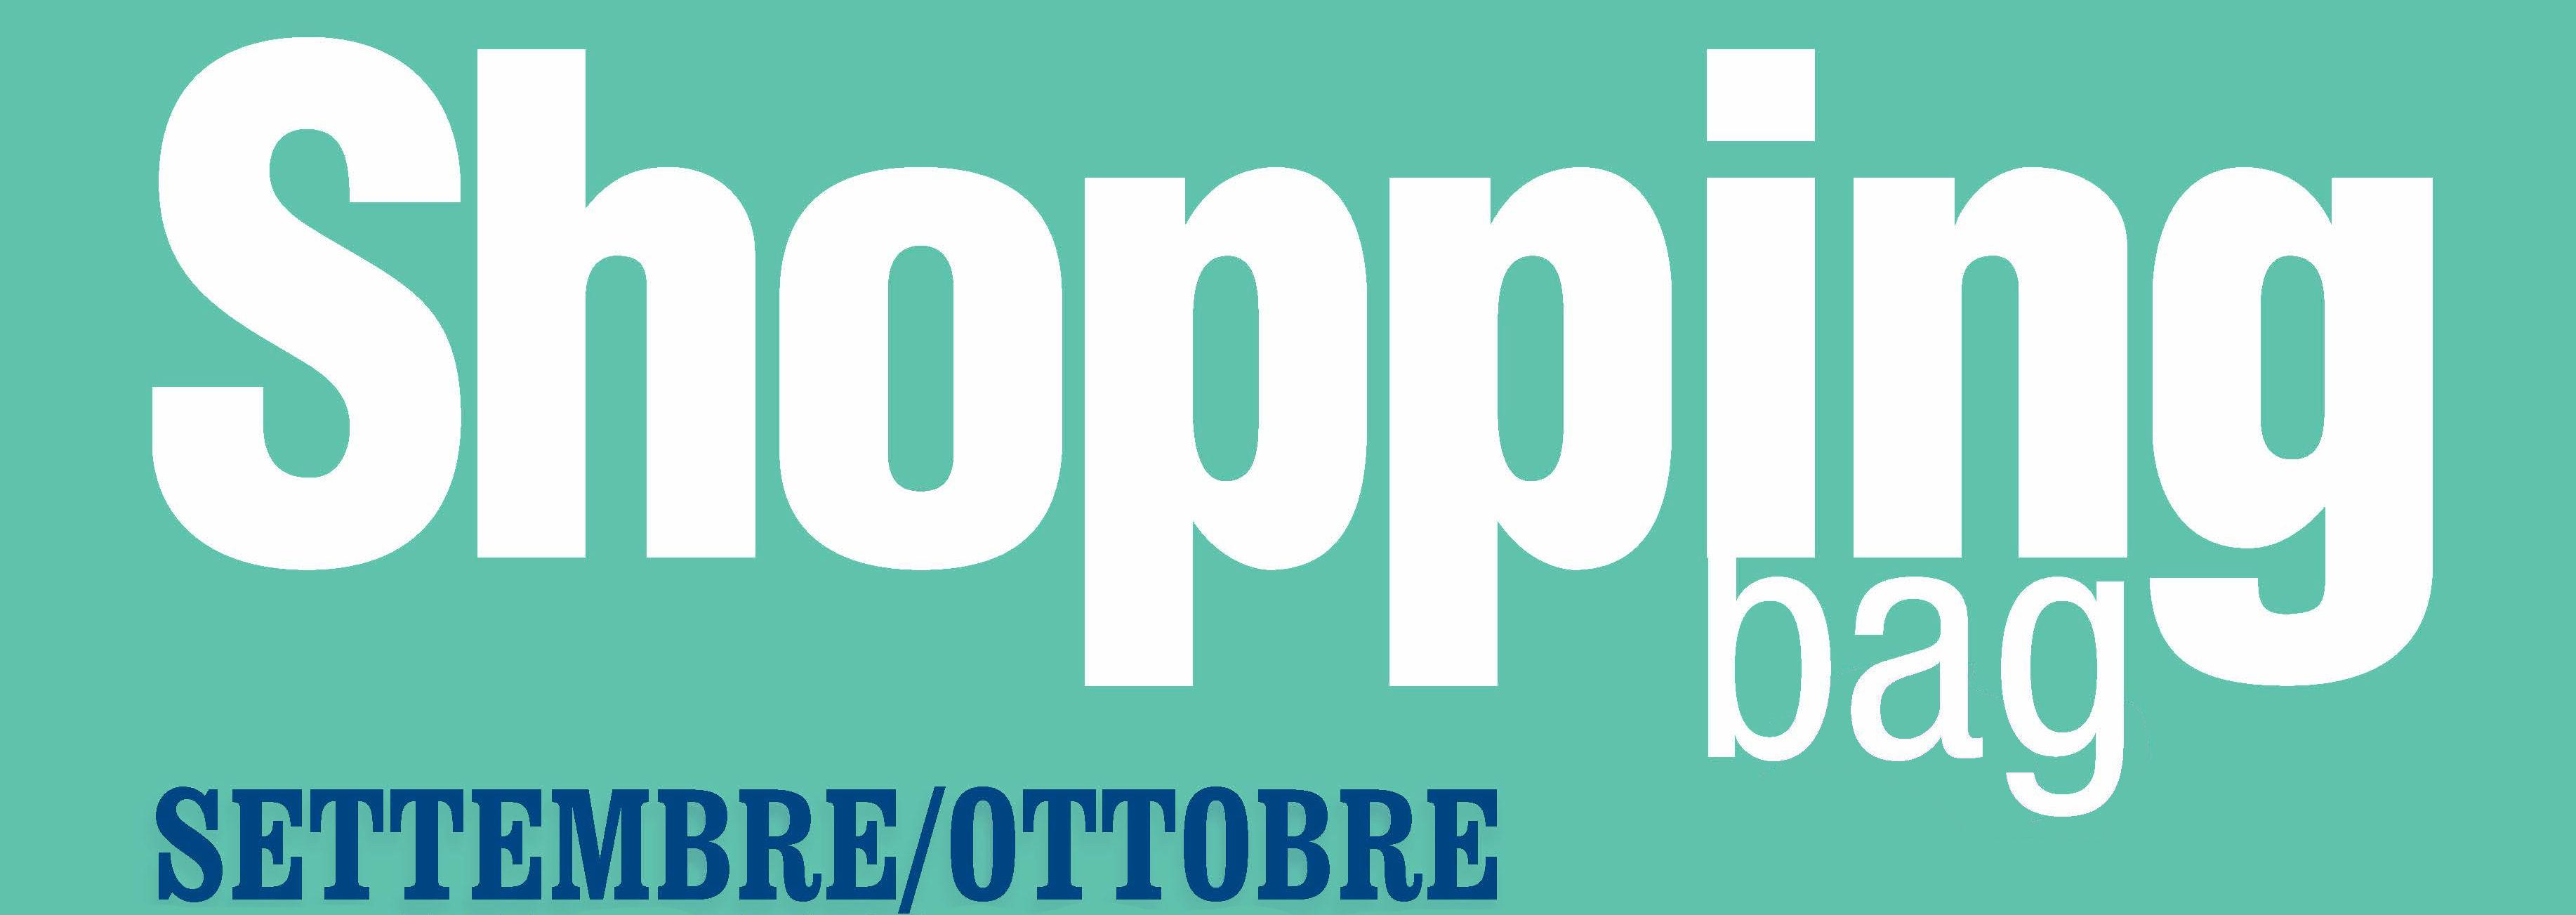 21c070761c Centro Ufficio Senigallia - Affiliato Buffetti Senigallia (AN) - Shopping  Bag Settembre Ottobre 2018